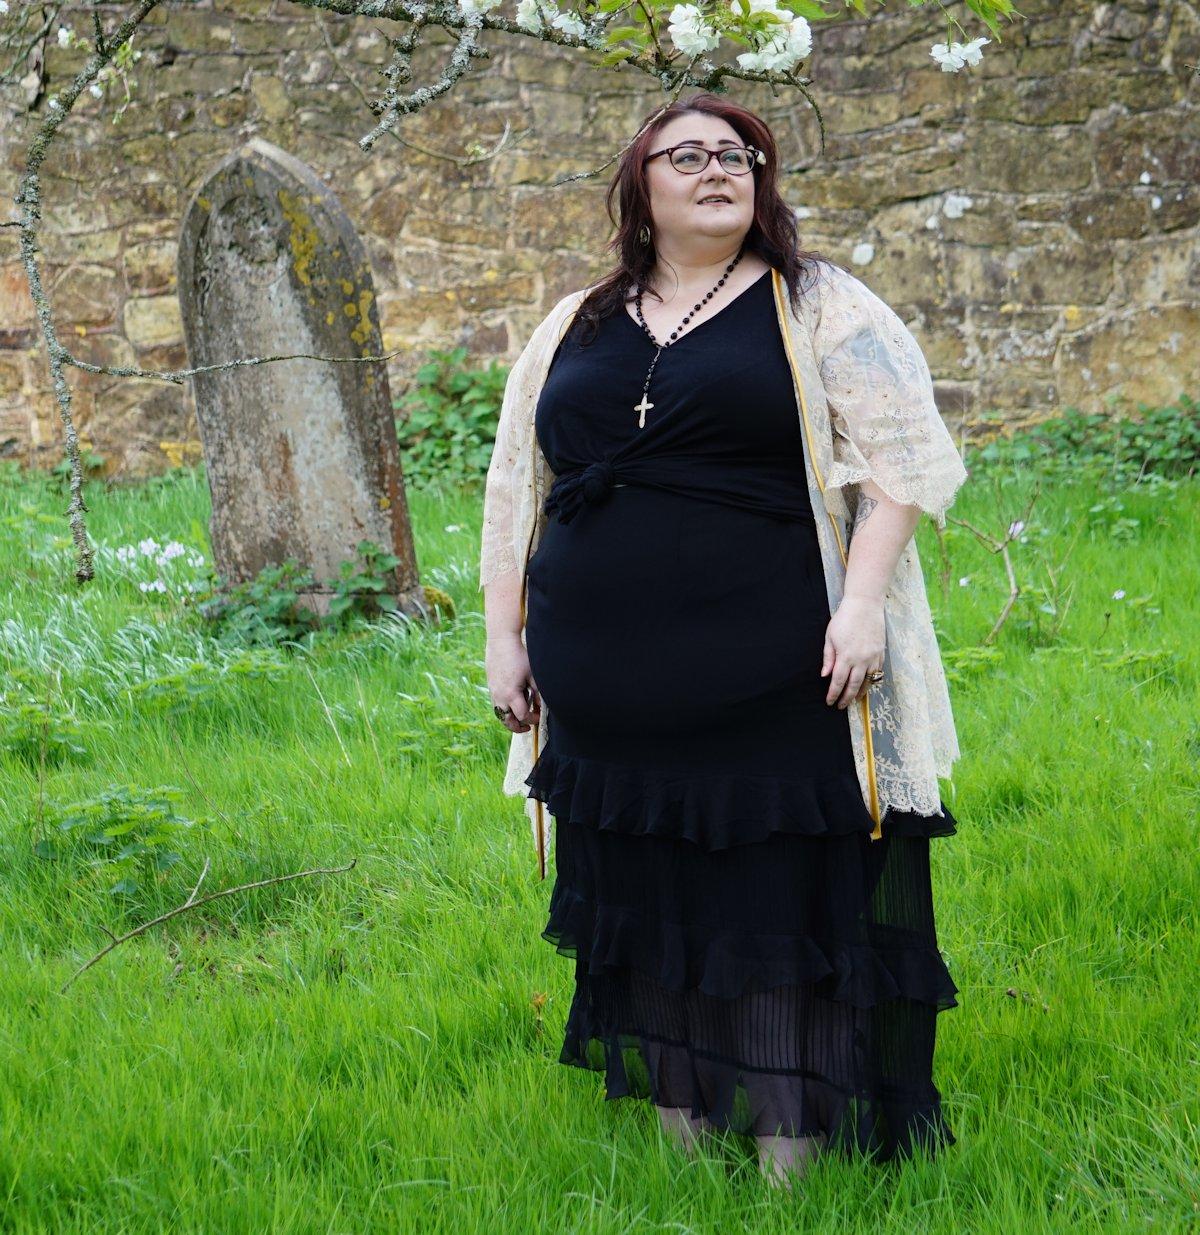 FAT HIPPIE CHICK FAT BOHEMIAN STYLE // WWW.XLOVELEAHX.CO.UK